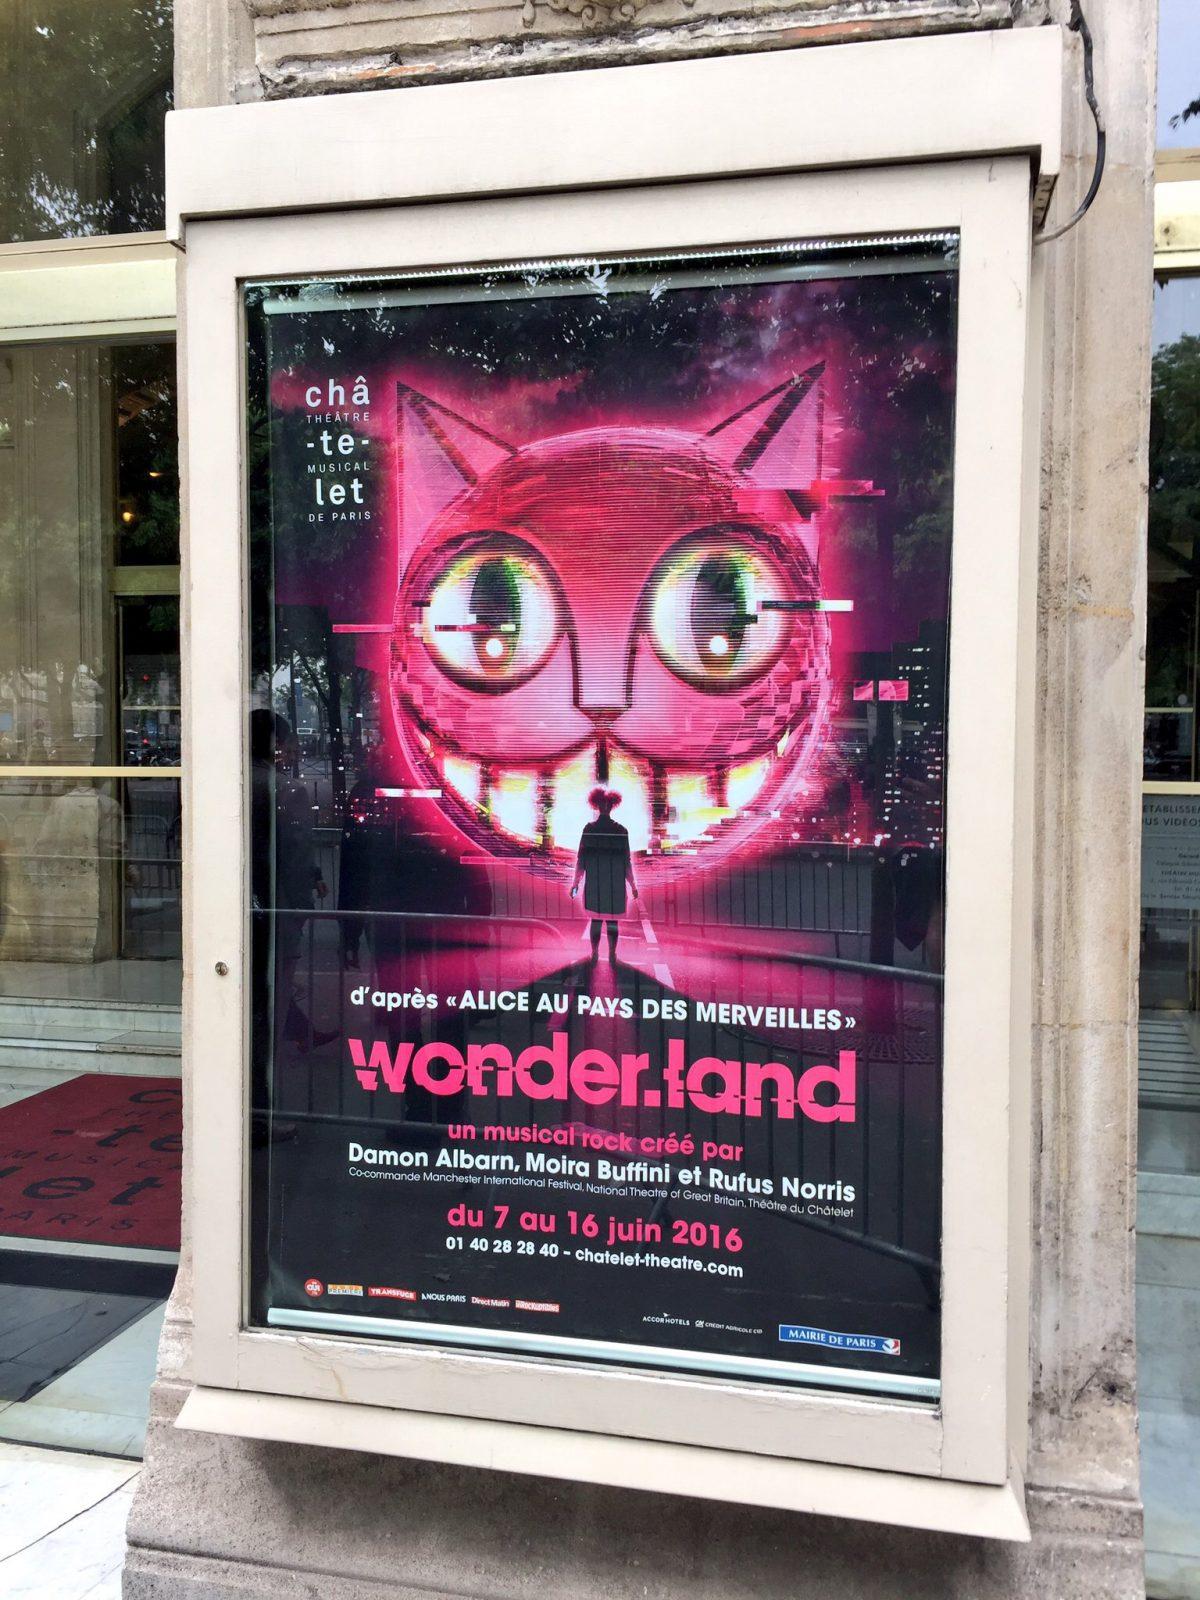 Wonder Land le musical rock de Damon Albarn Moira Buffini Rufus Norris au Théâtre du Châtelet Paris juin 2016 affiche du spectacle adapté d Alice au pays des merveilles photo UsofParis